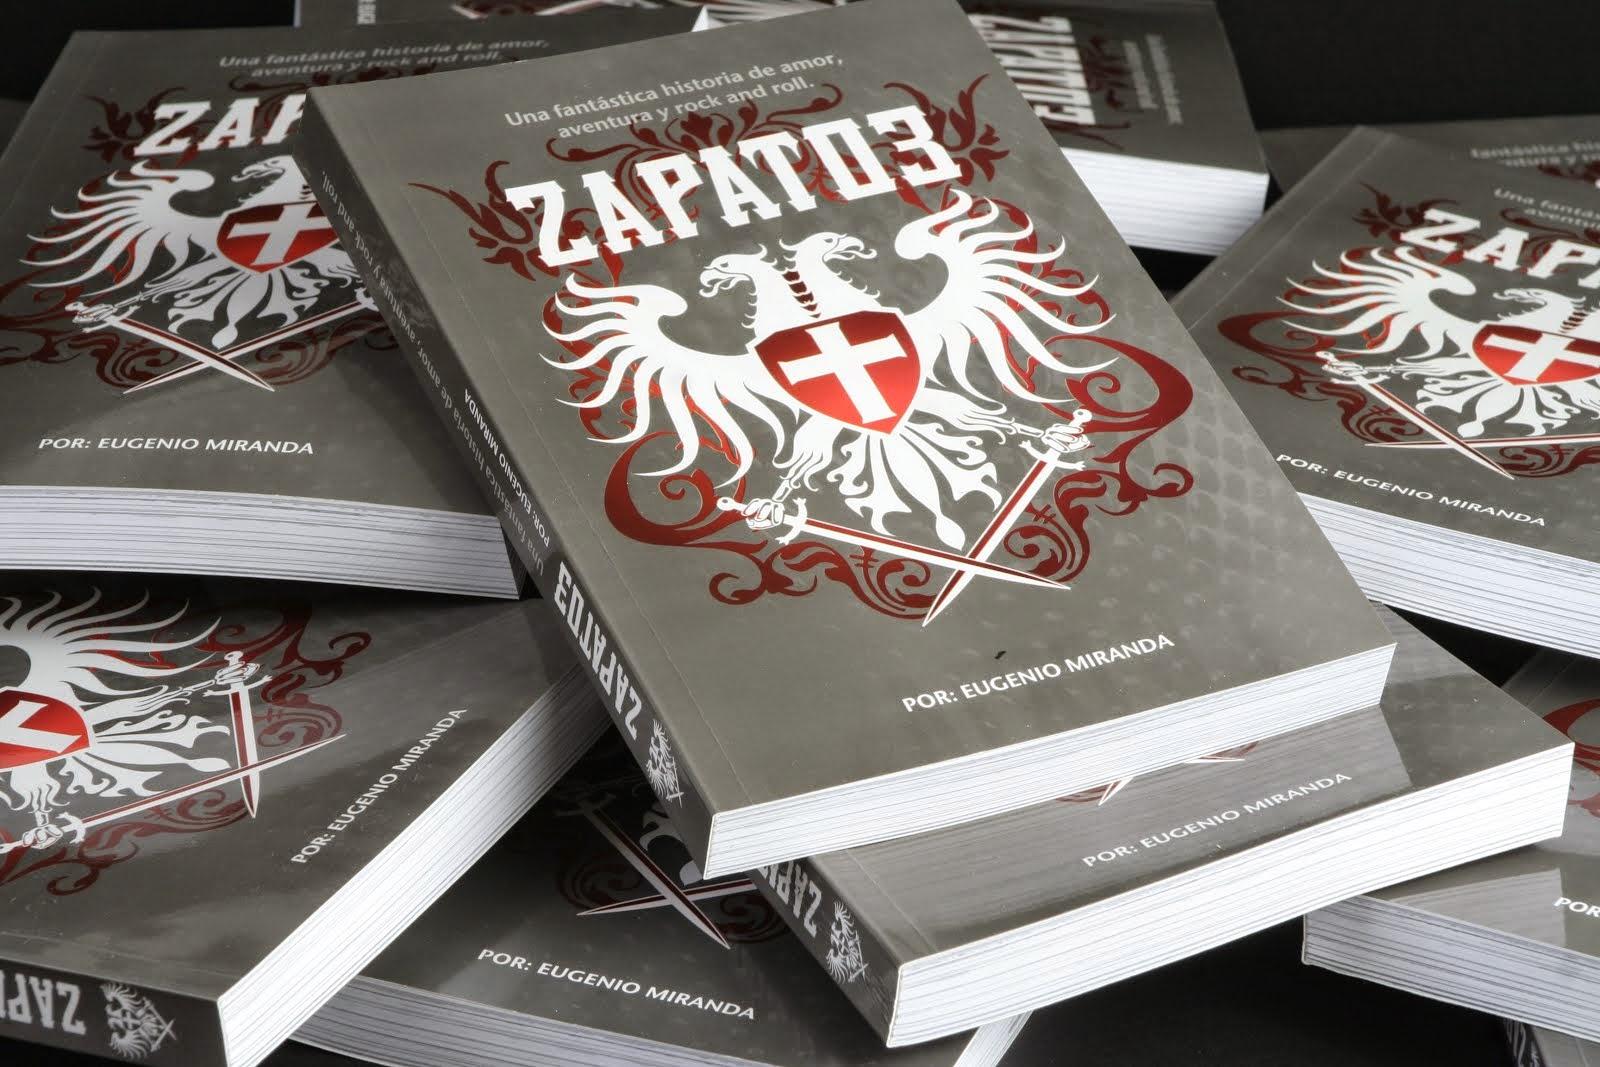 LIBRO DE ZAPATO3